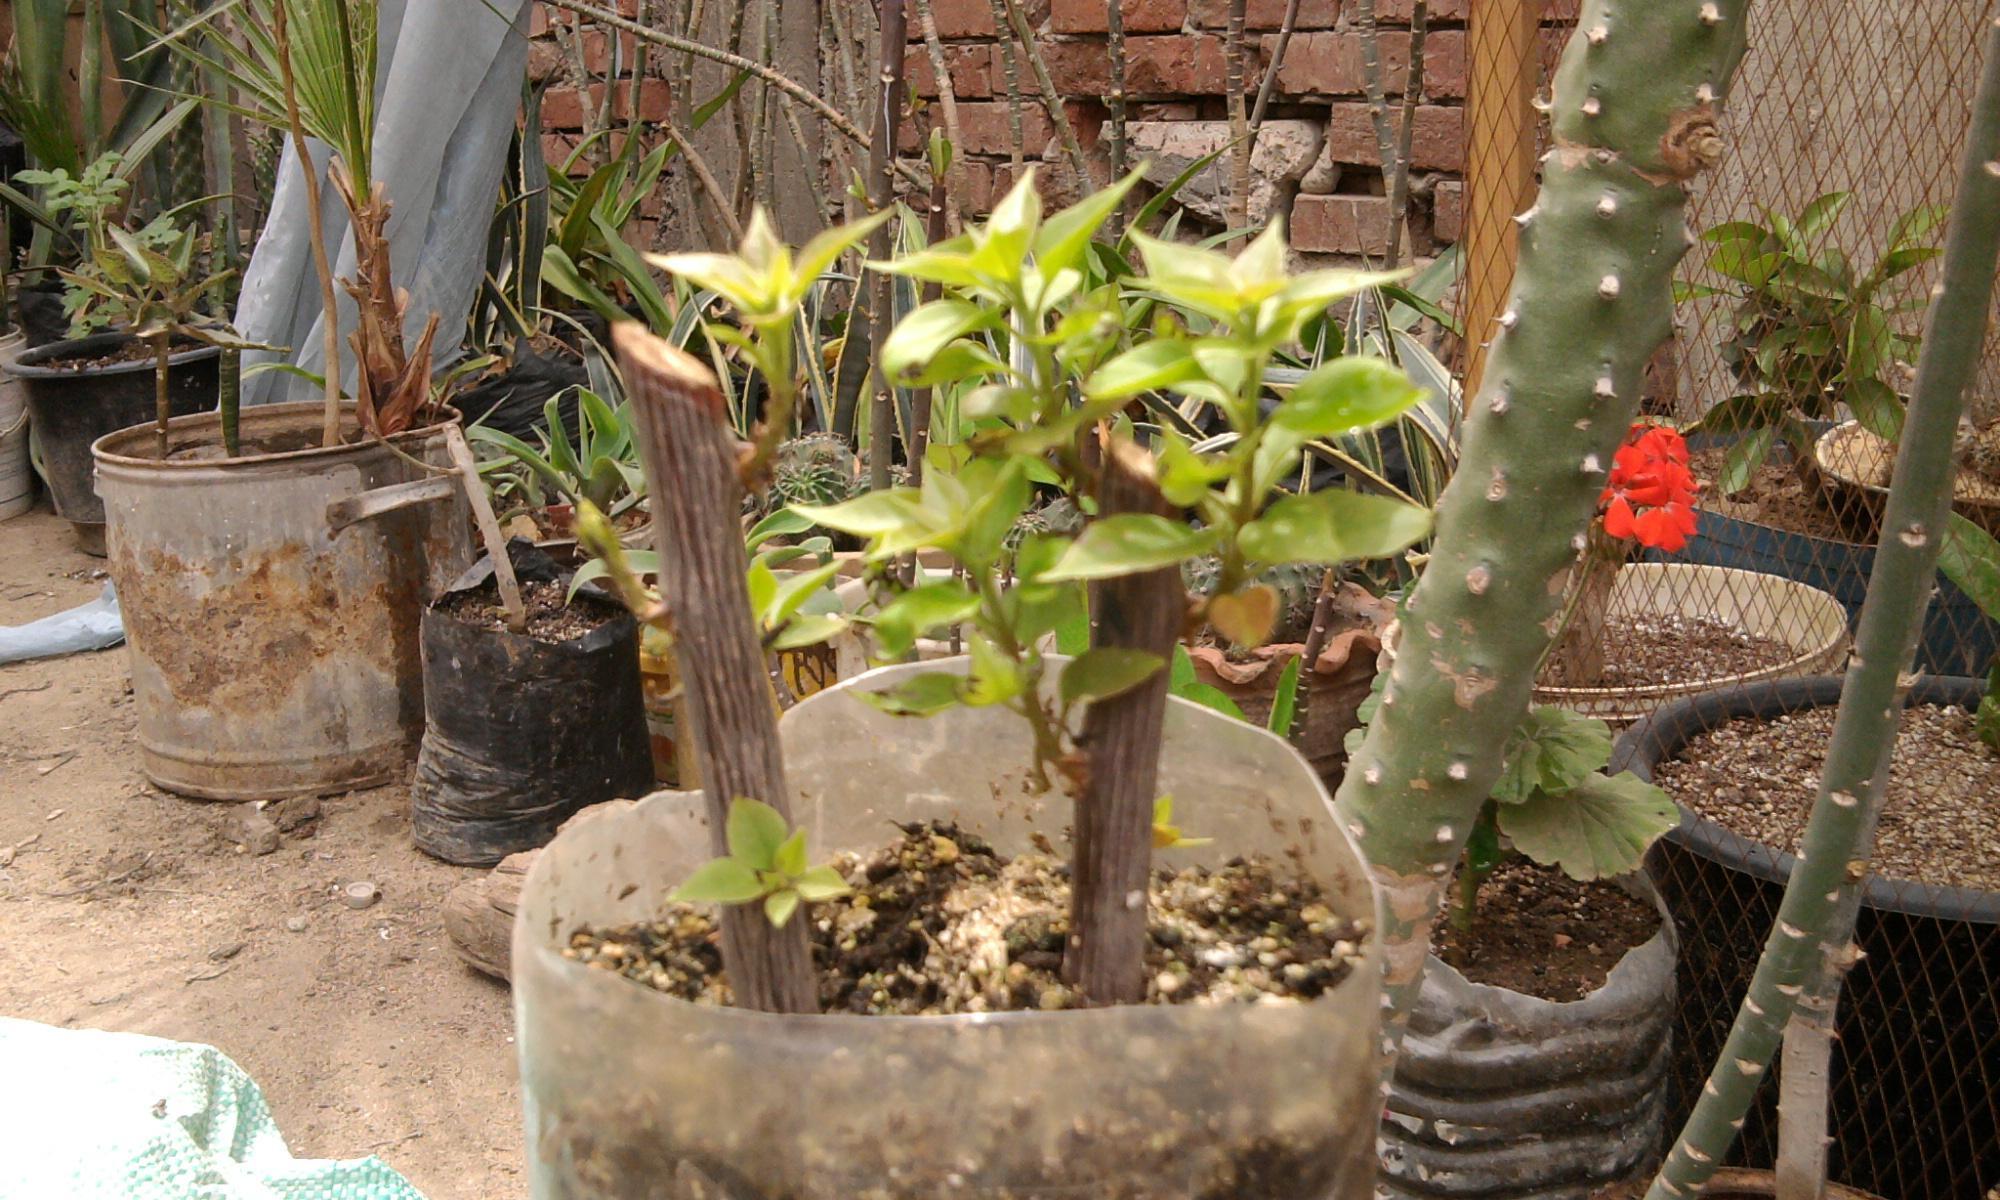 زراعة التوت والجهنمية والفيكس نيتدا 243095460.jpg